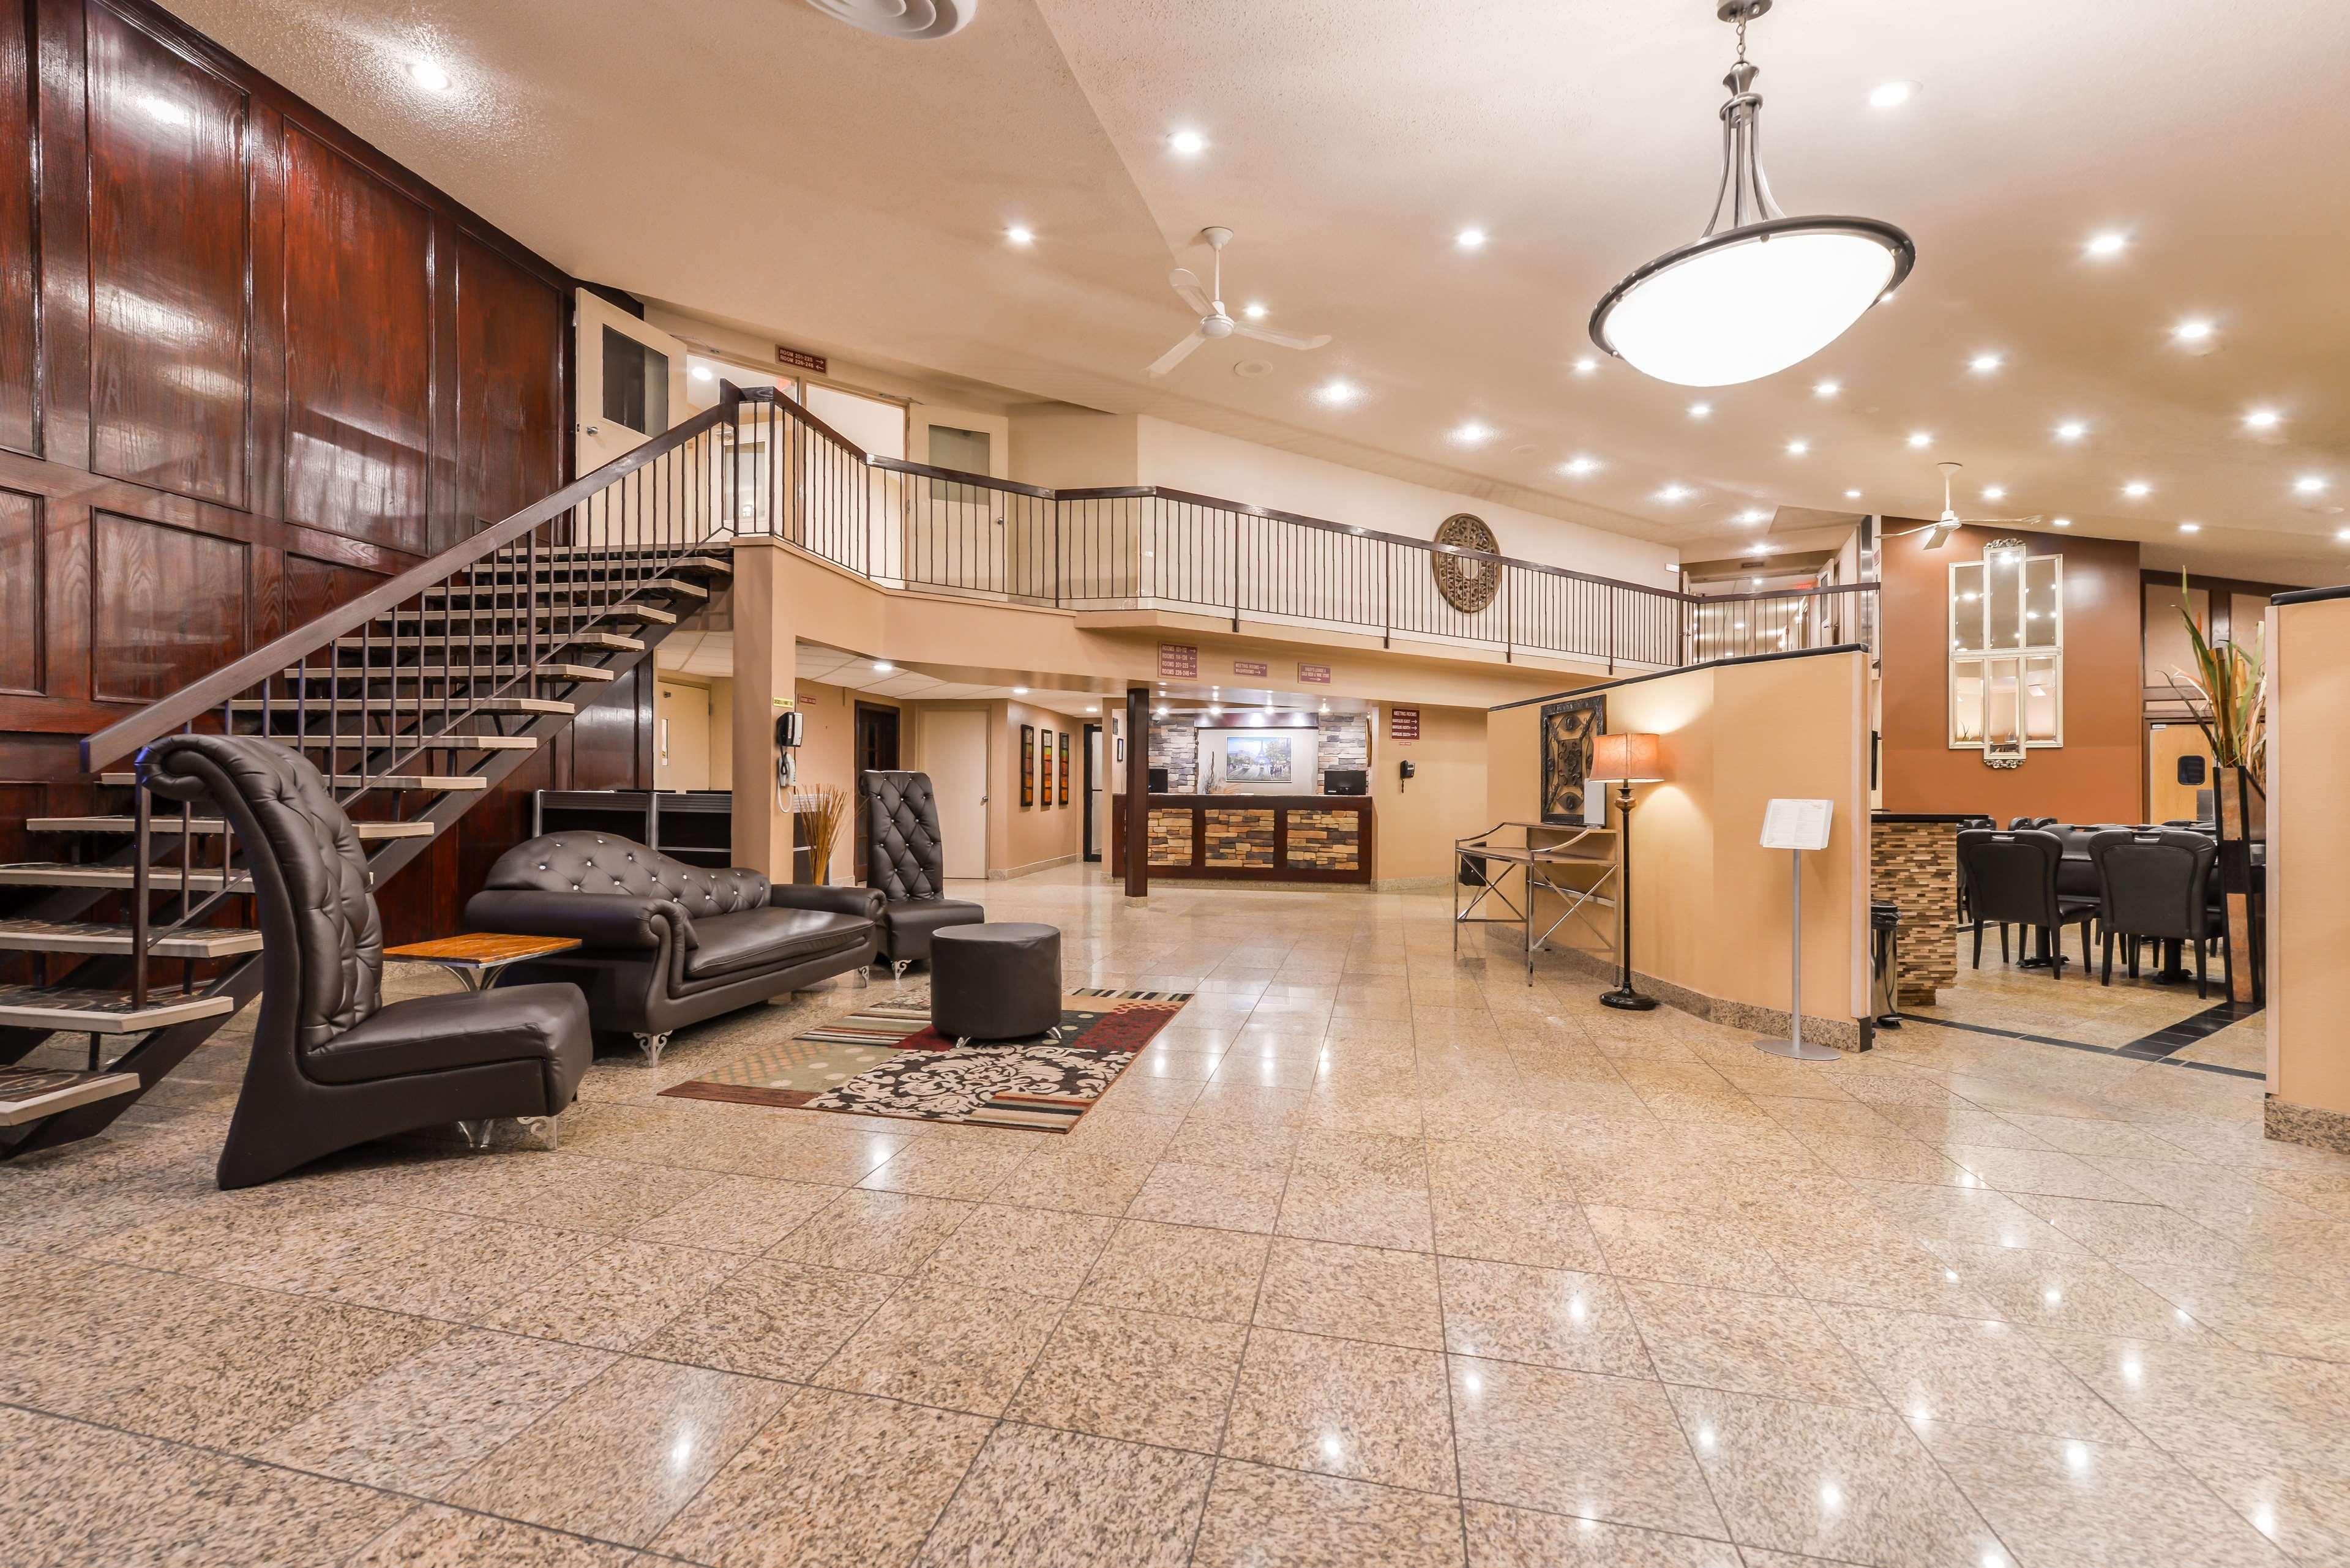 Best Western Marquis Inn & Suites in Prince Albert: Bailey's Cold Beer Wine Store